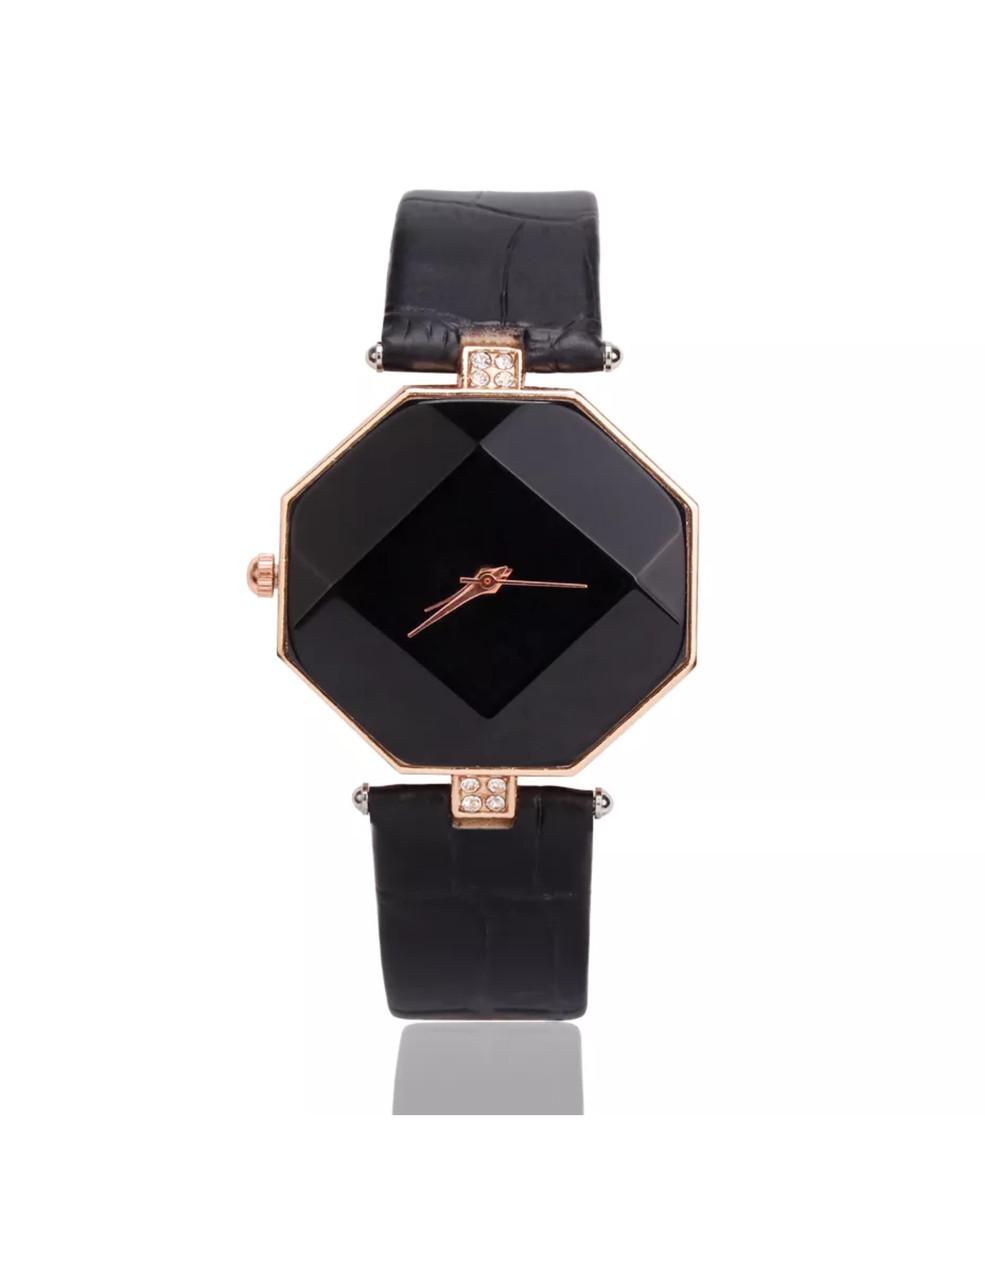 9819fa9ea092 Стильные женские наручные часы «Sota» в чёрном корпусе  продажа ...